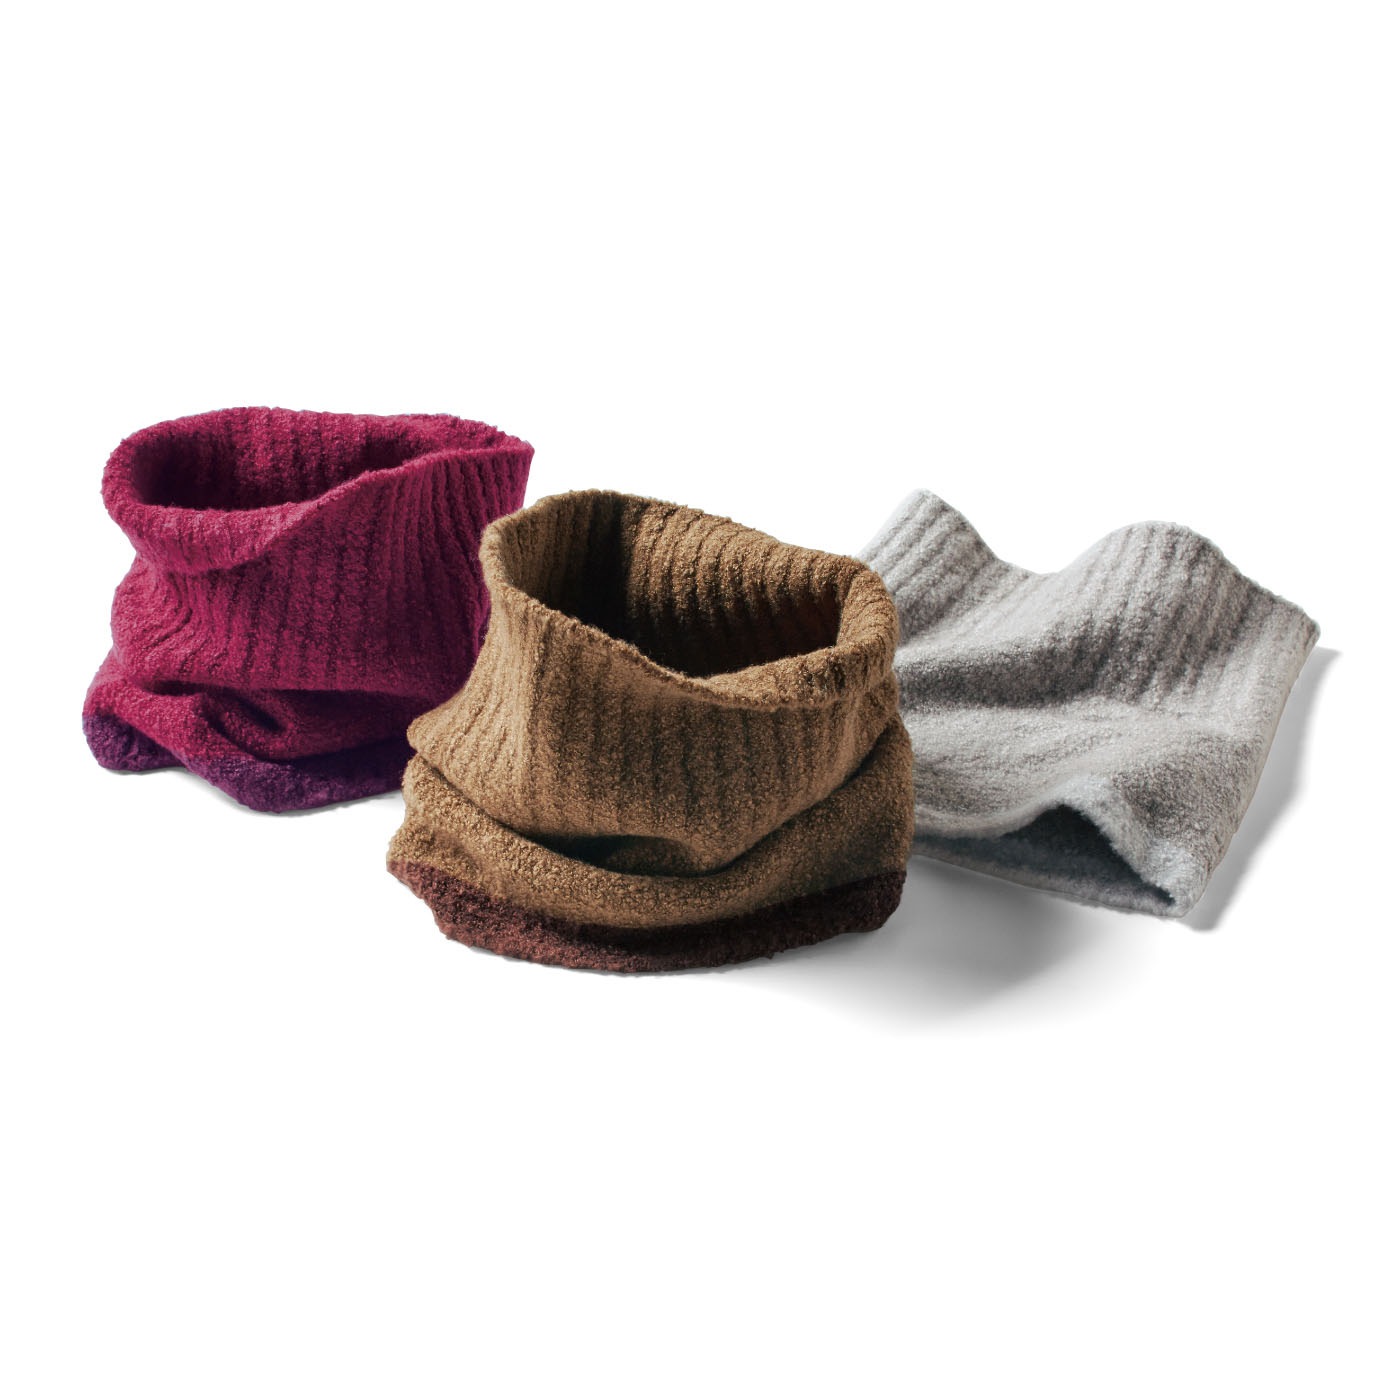 上部は首にやさしく沿うようリブ編みに。下部分は同系色のアクセントカラー。